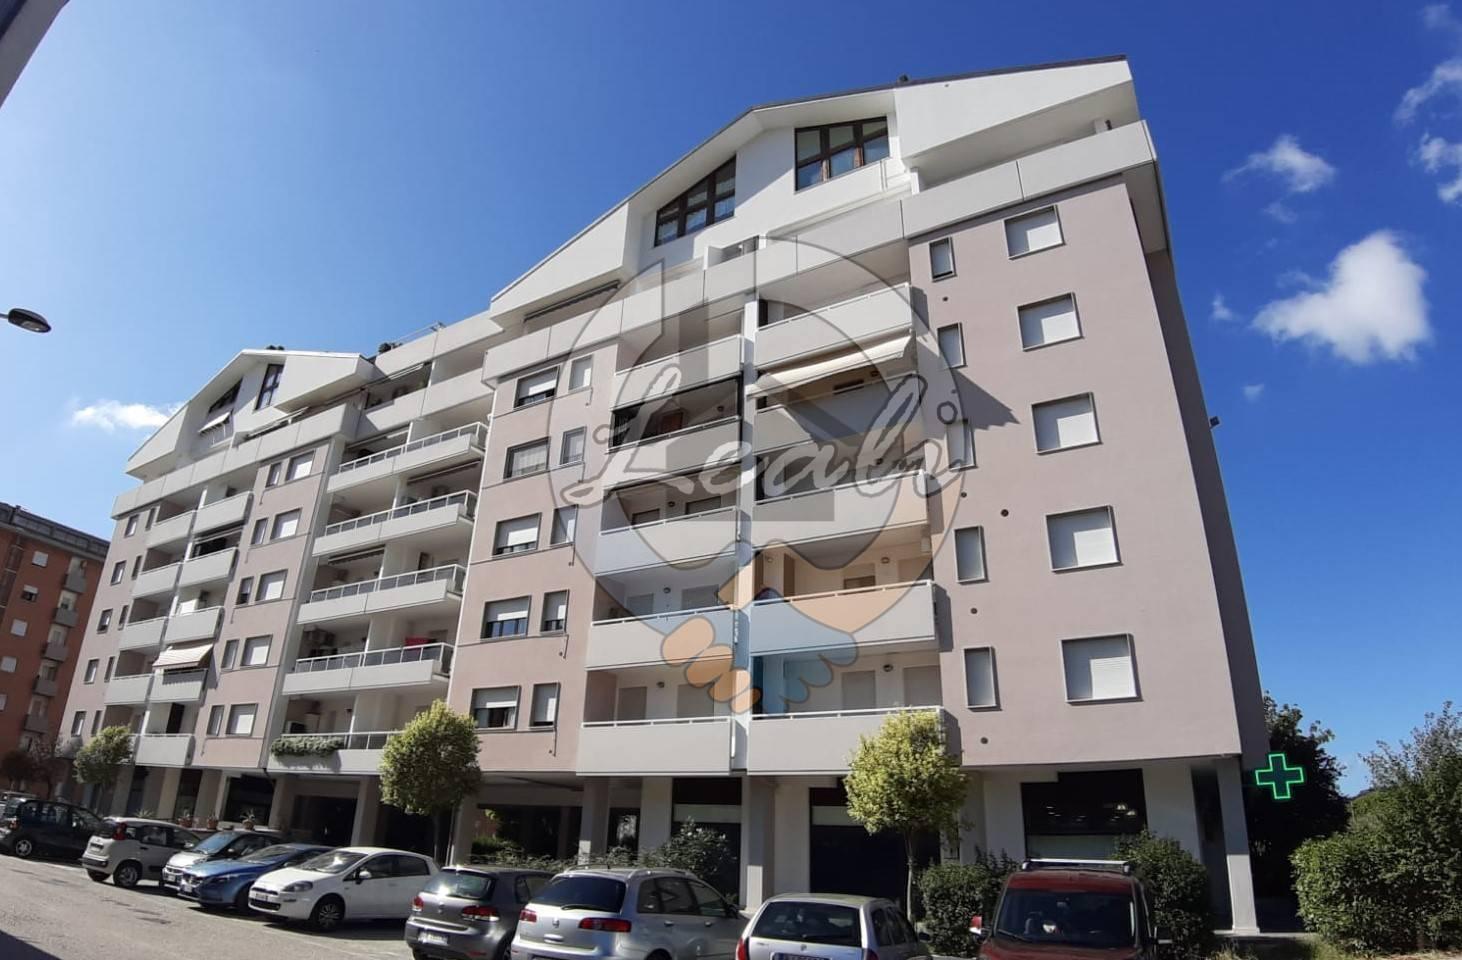 Appartamento in vendita a Tolentino, 2 locali, prezzo € 74.000 | CambioCasa.it